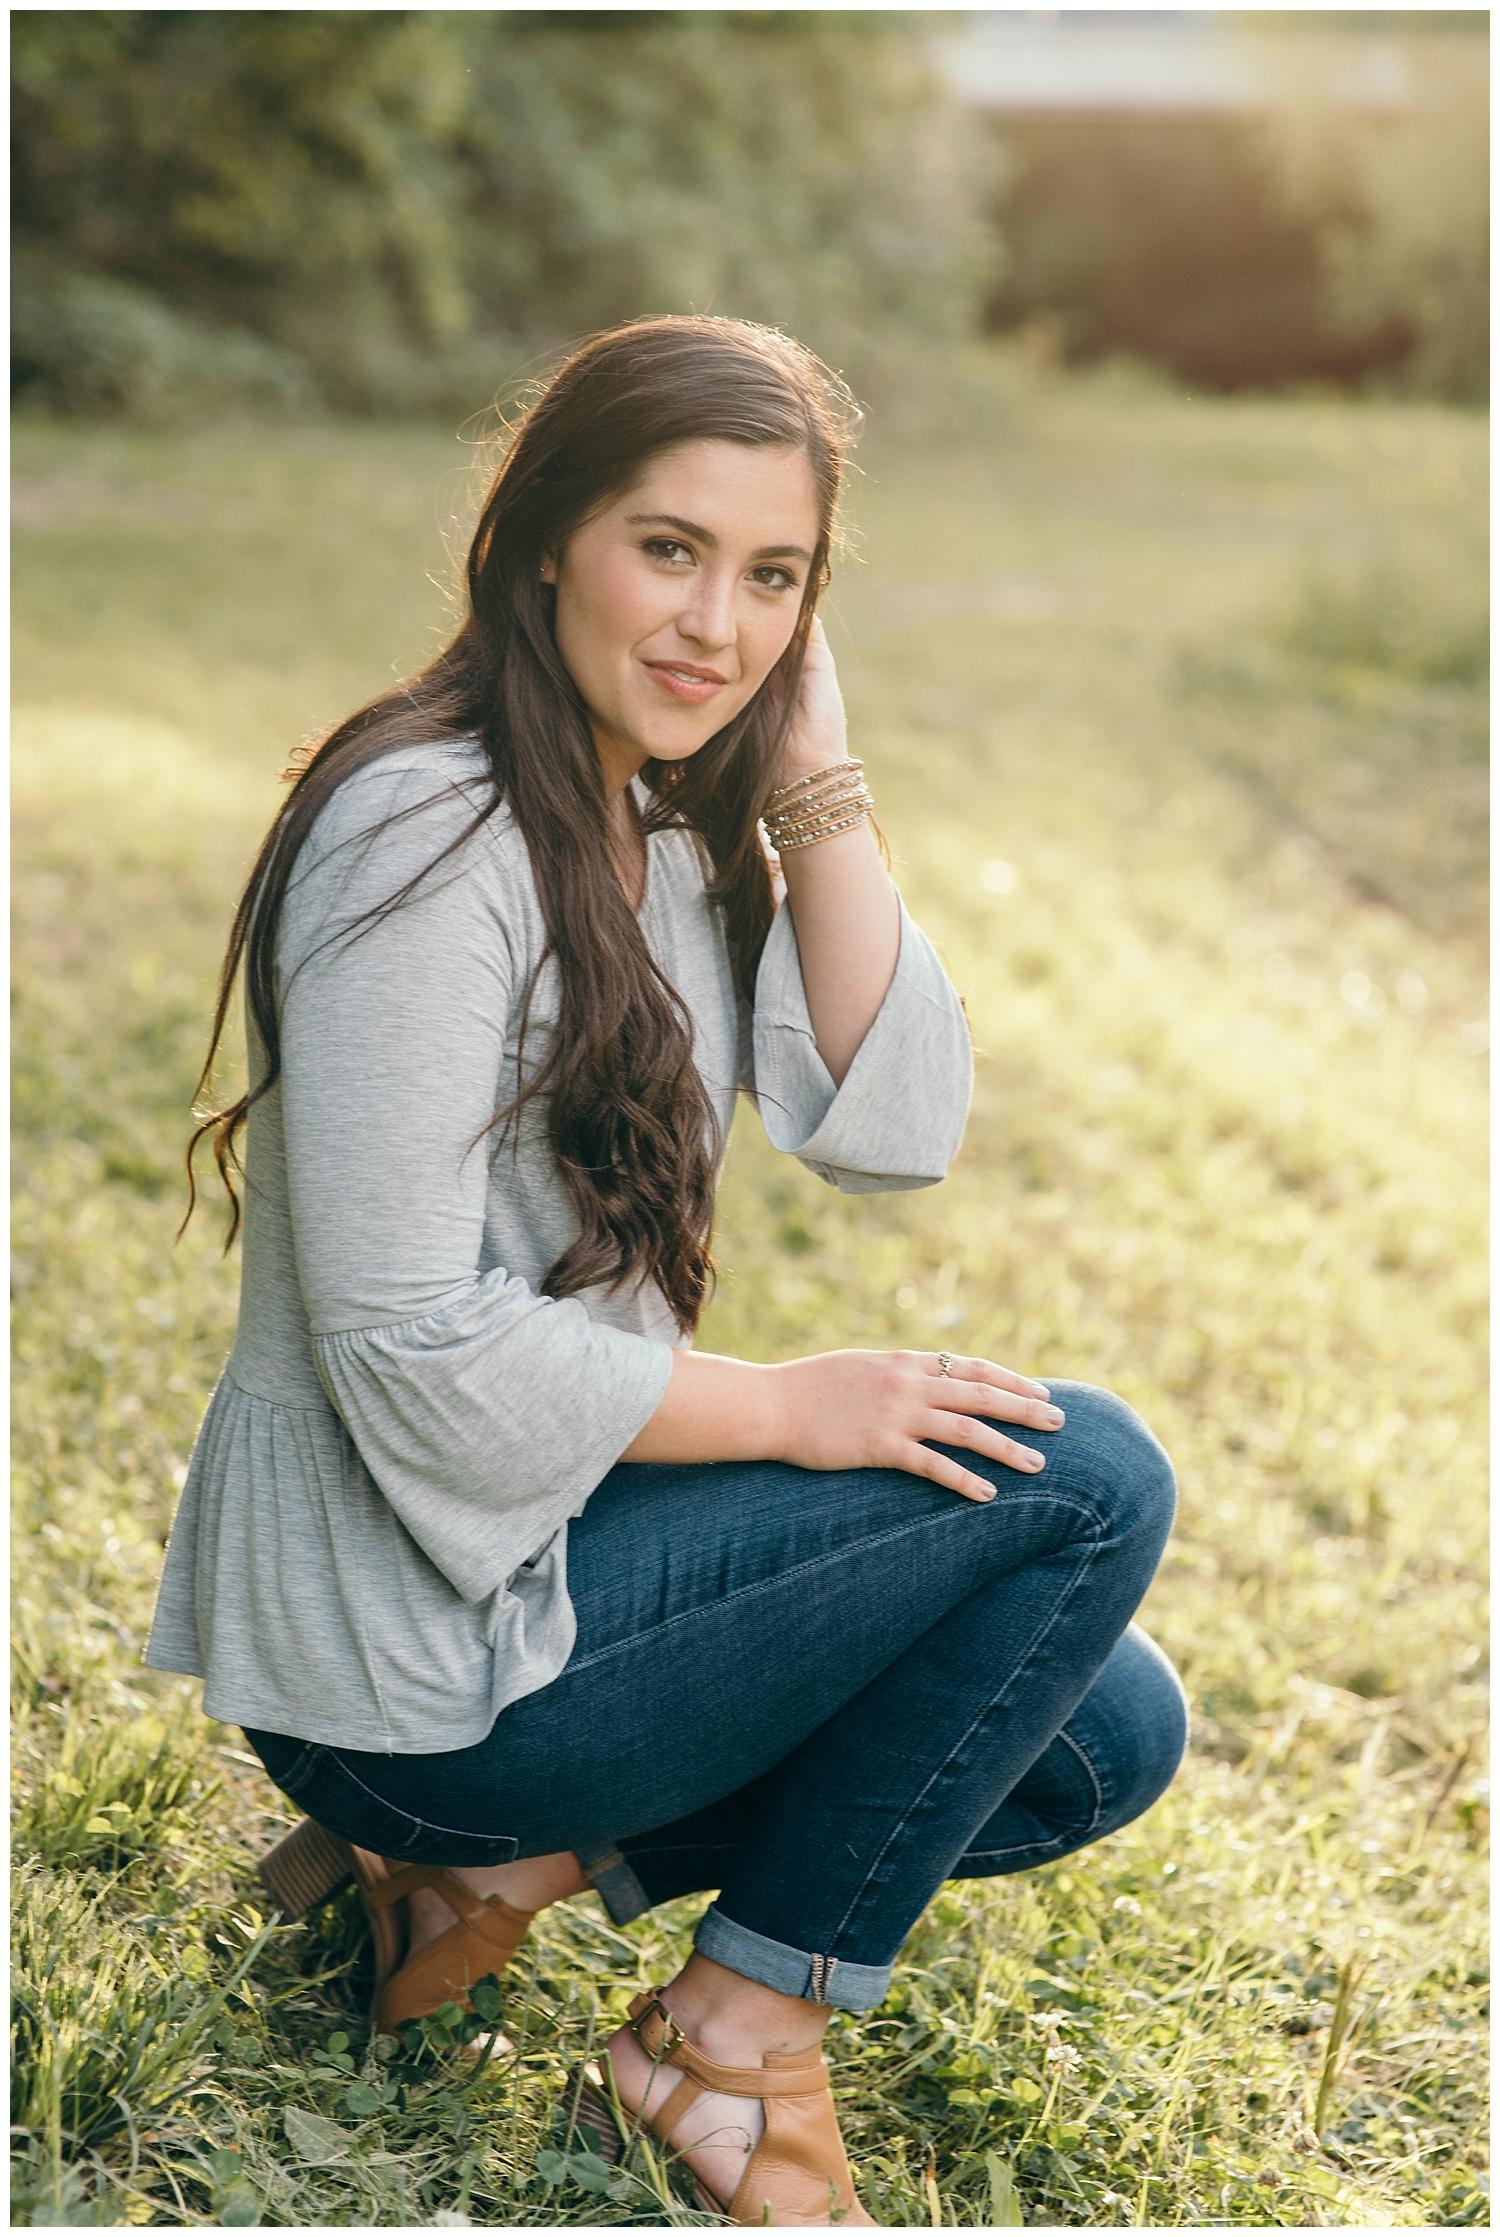 senior girl sitting pose